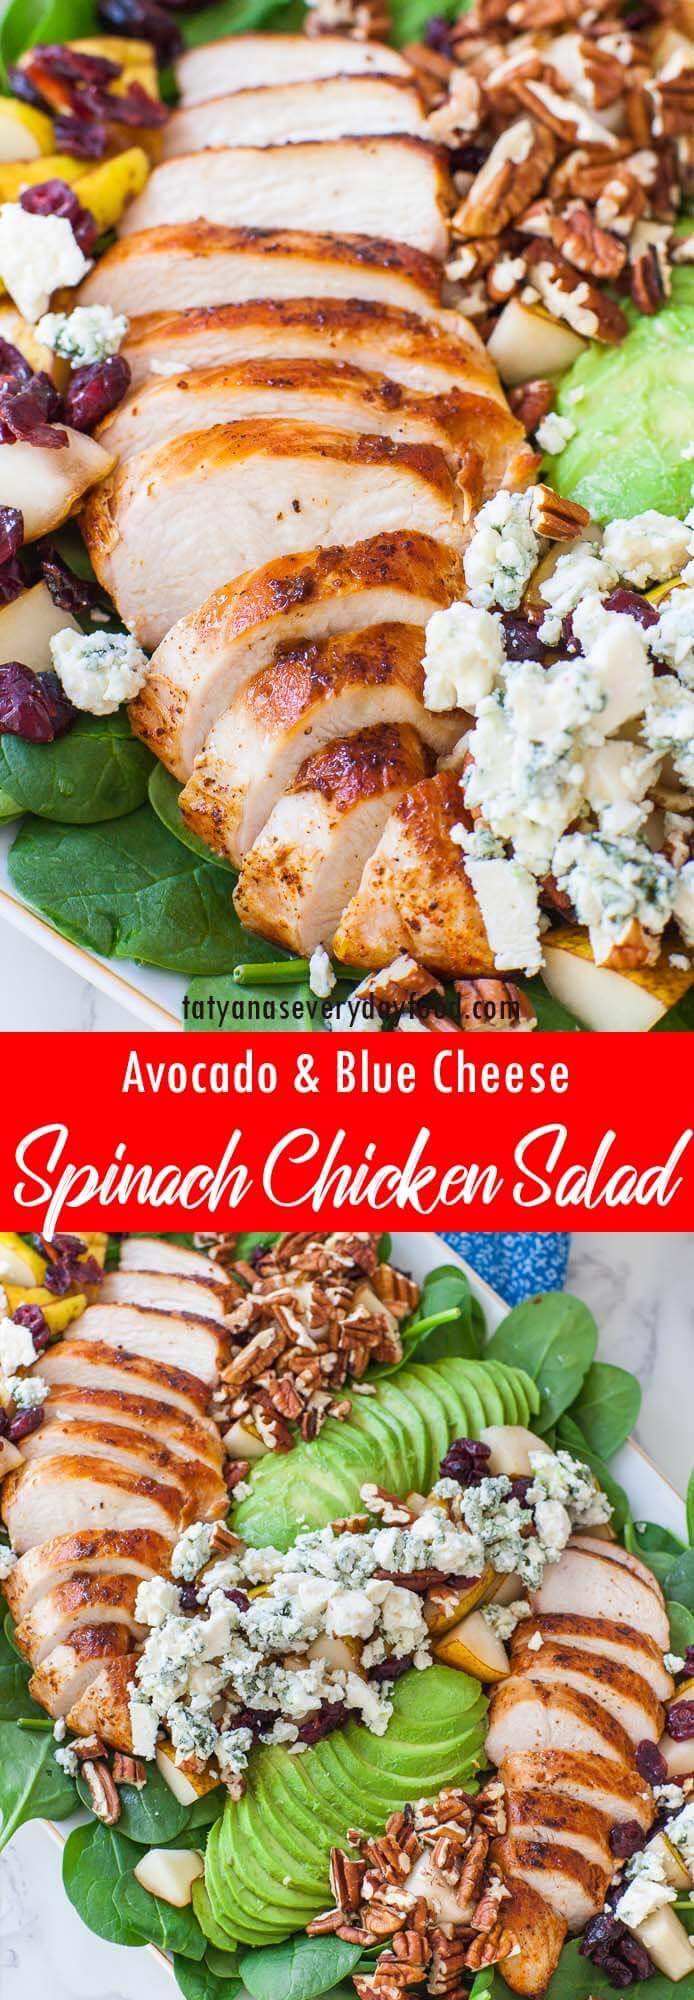 The Best Spinach Chicken Salad video recipe